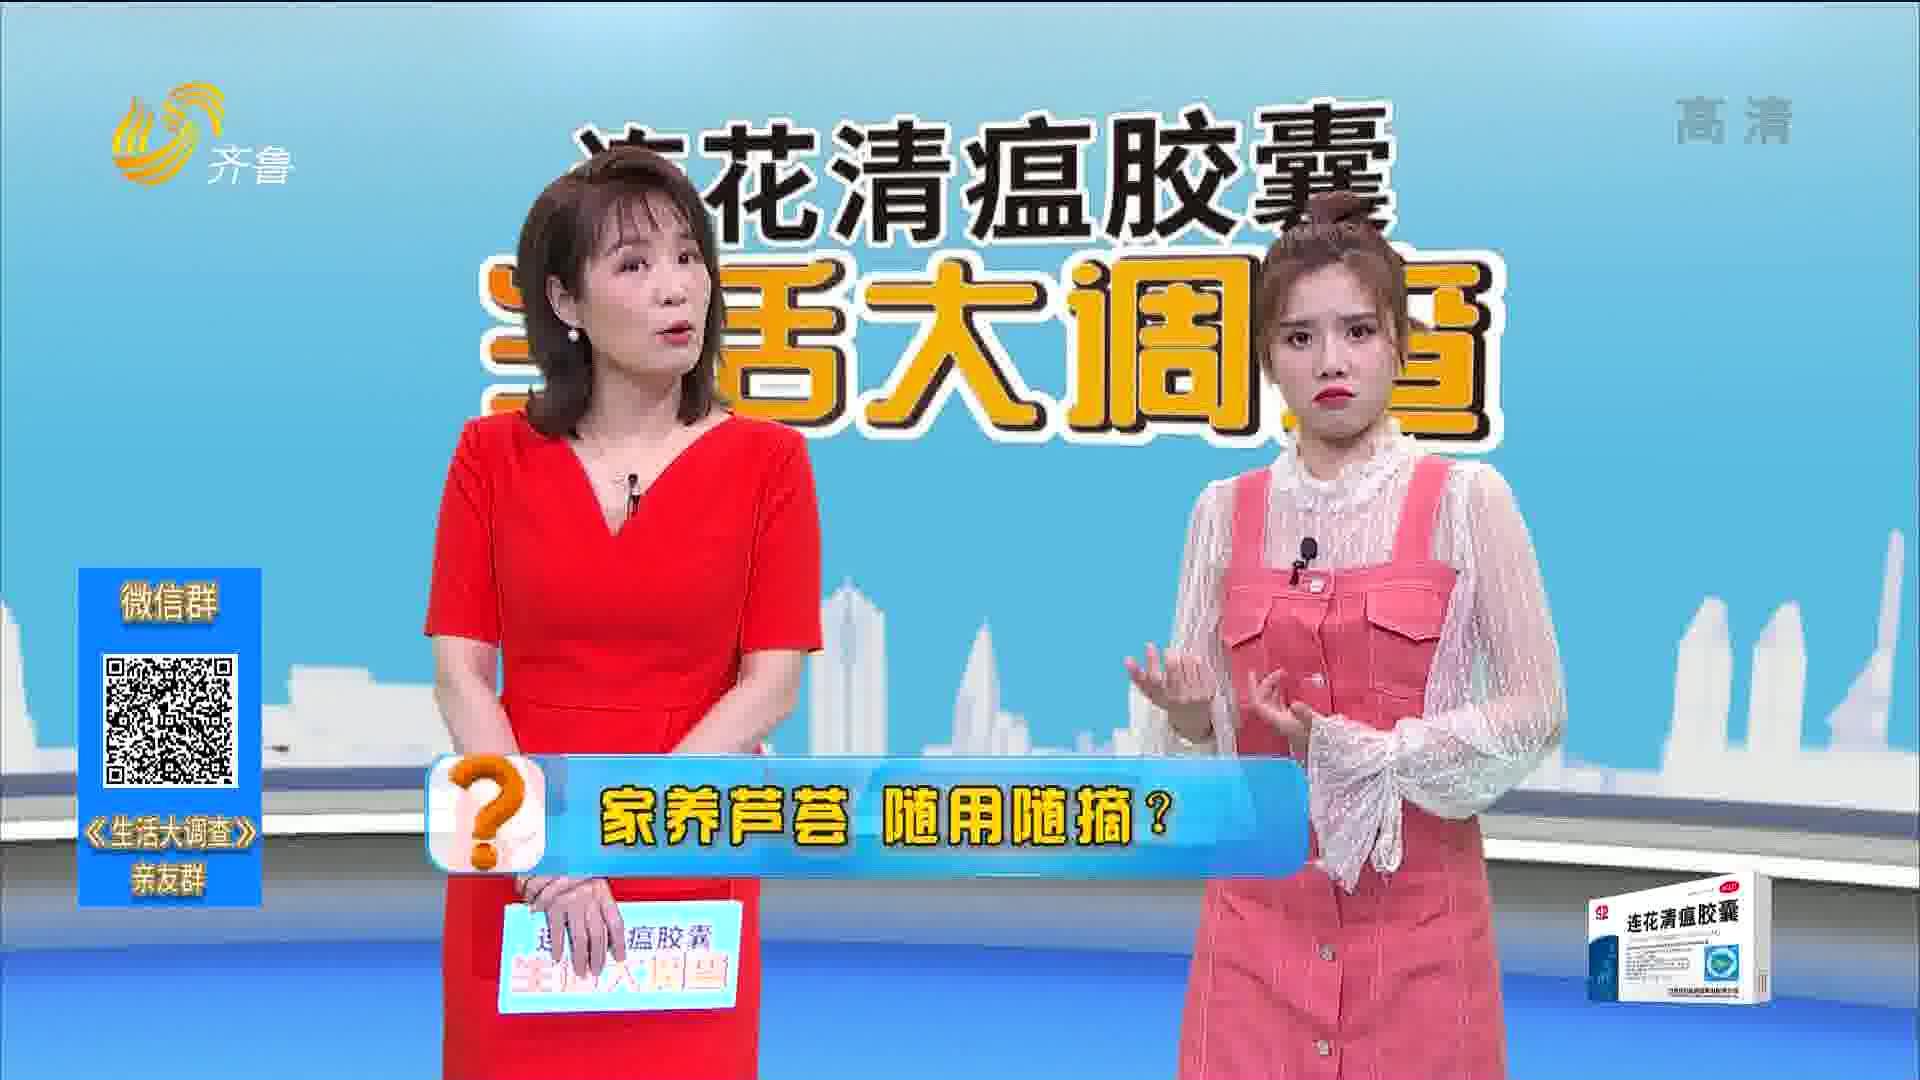 2021年02月27日《生活大调查》:家有芦荟 随用随摘?